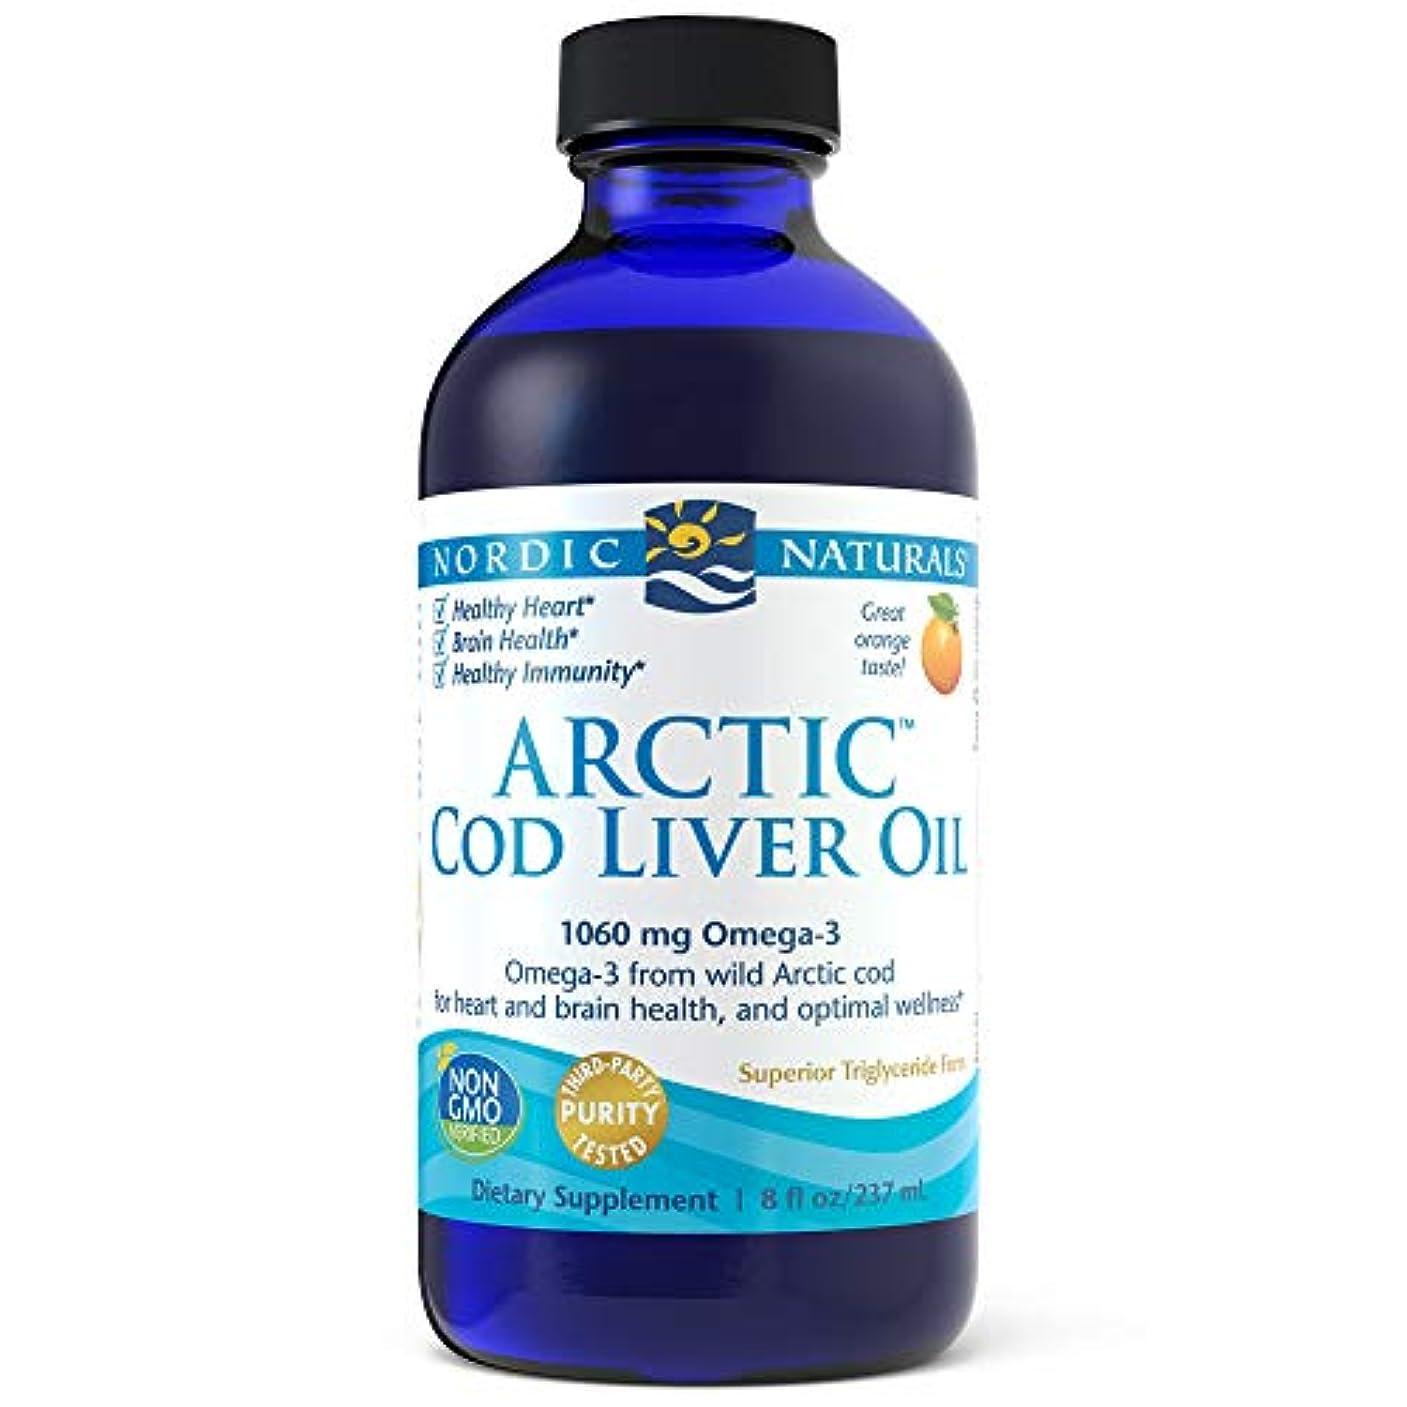 鹿女優死すべきNordic Naturals 北極圏 CLO - タラ 肝油 オレンジ フレーバー 8 オンス